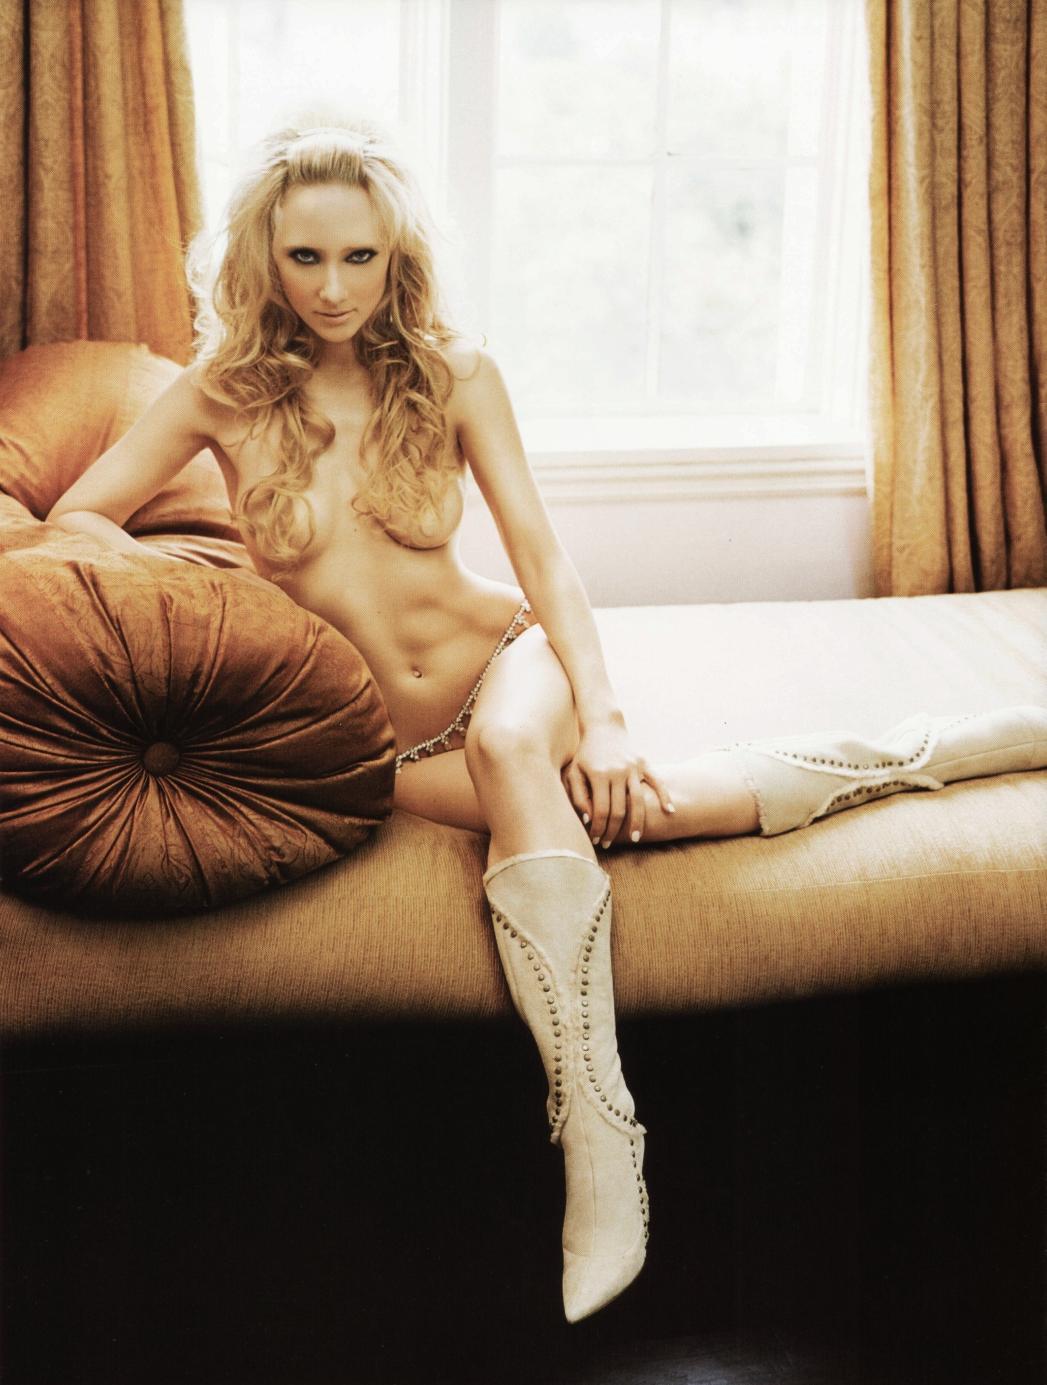 http://4.bp.blogspot.com/-HBhTH7cpCLM/T9DNygPTpxI/AAAAAAAANuw/iSOUjO00uv4/s1600/Sexy_Anne_Heche_Desnuda.jpg